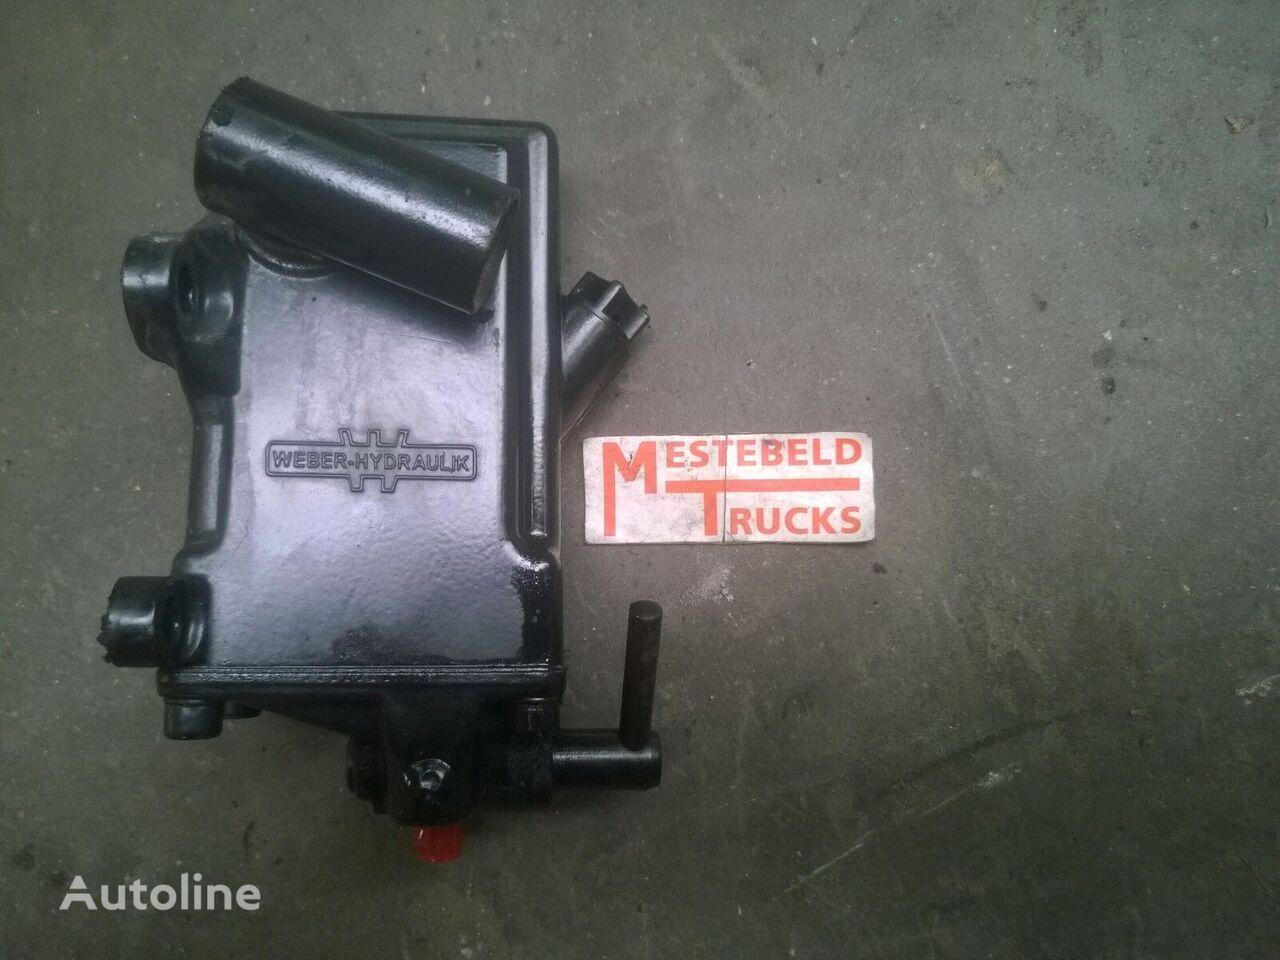 Cabine kantelcilinder RENAULT recambios para RENAULT Cabine kantelcilinder Midlum tractora